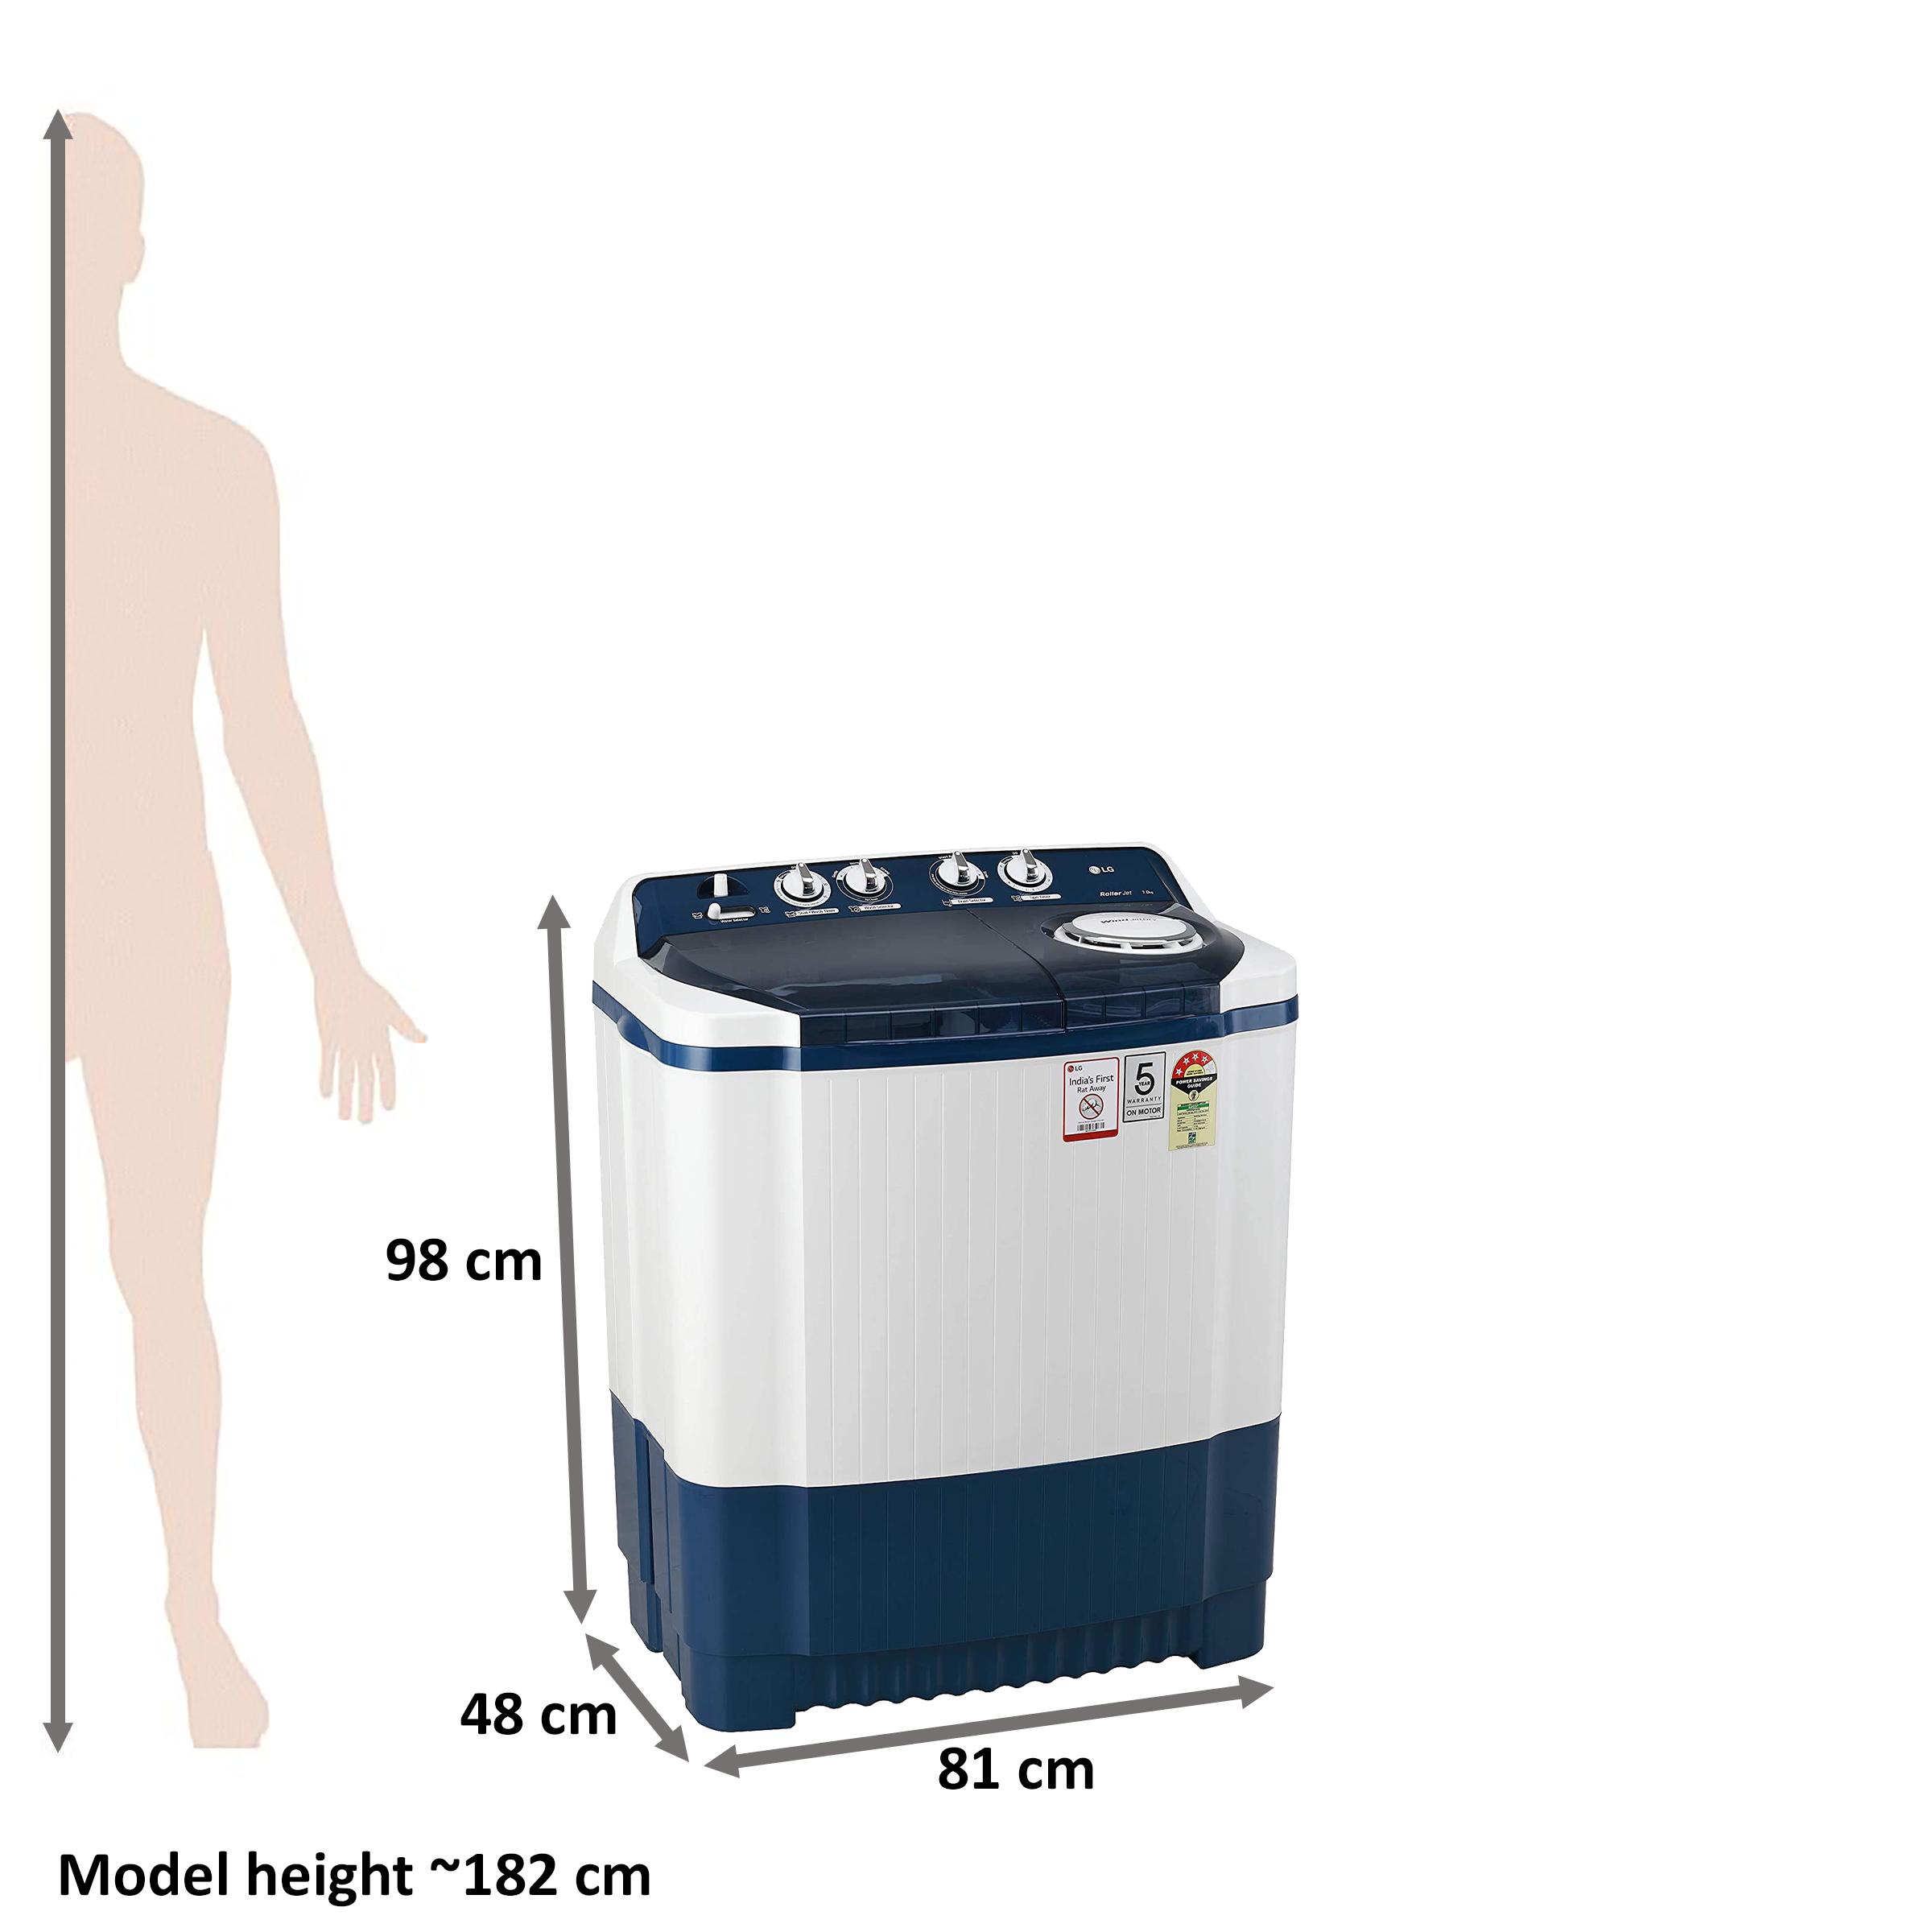 LG 7 kg 4 Star Semi-Automatic Top Load Washing Machine (Auto Restart, P7025SBAY.ADBQEIL, Dark Blue)_2